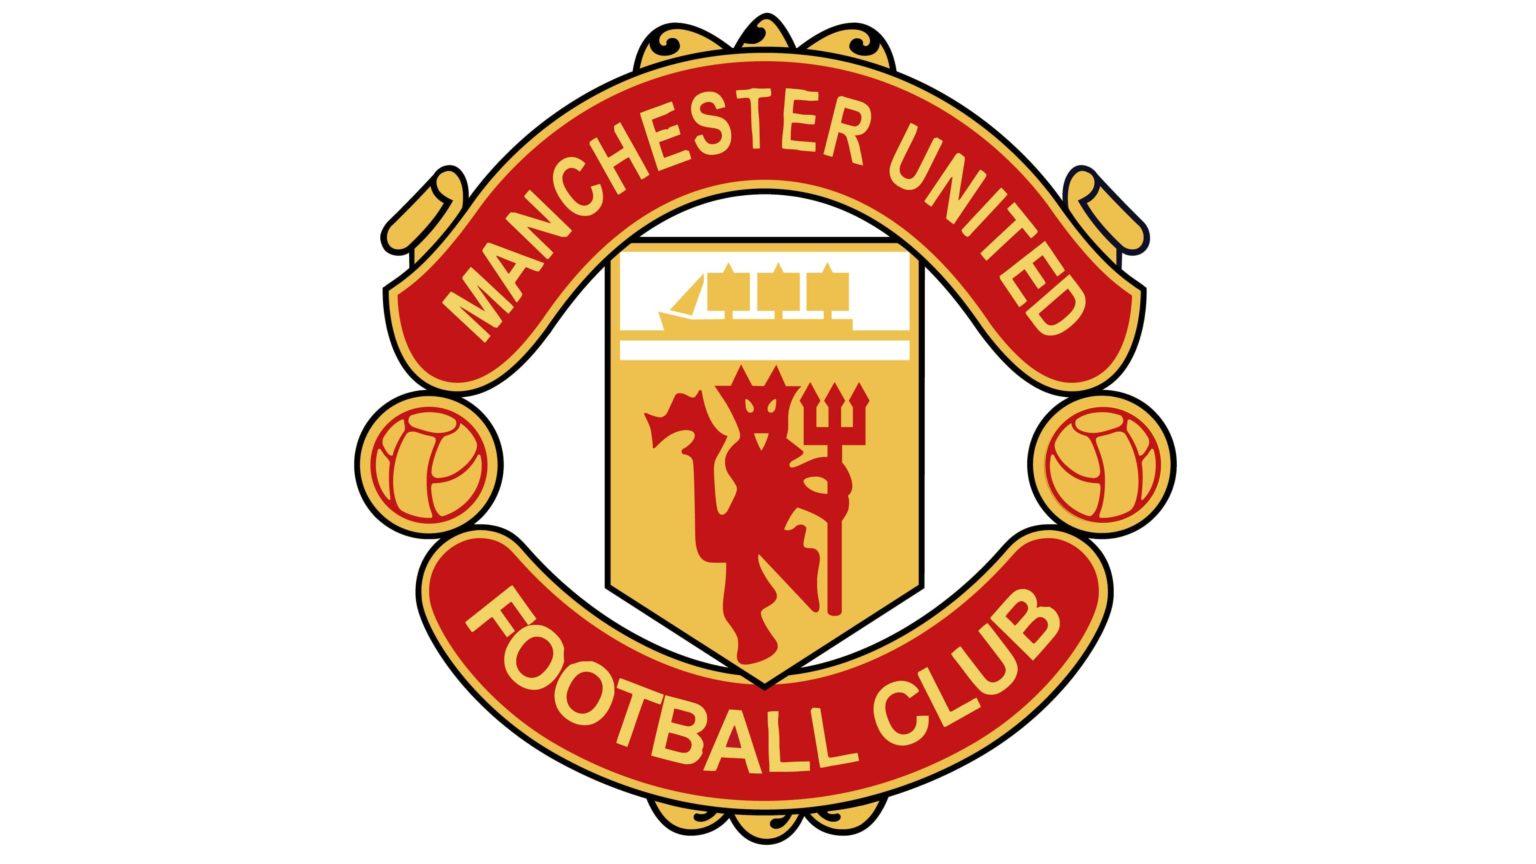 Manchester United 21/22 Away Kit - Soccer Fans